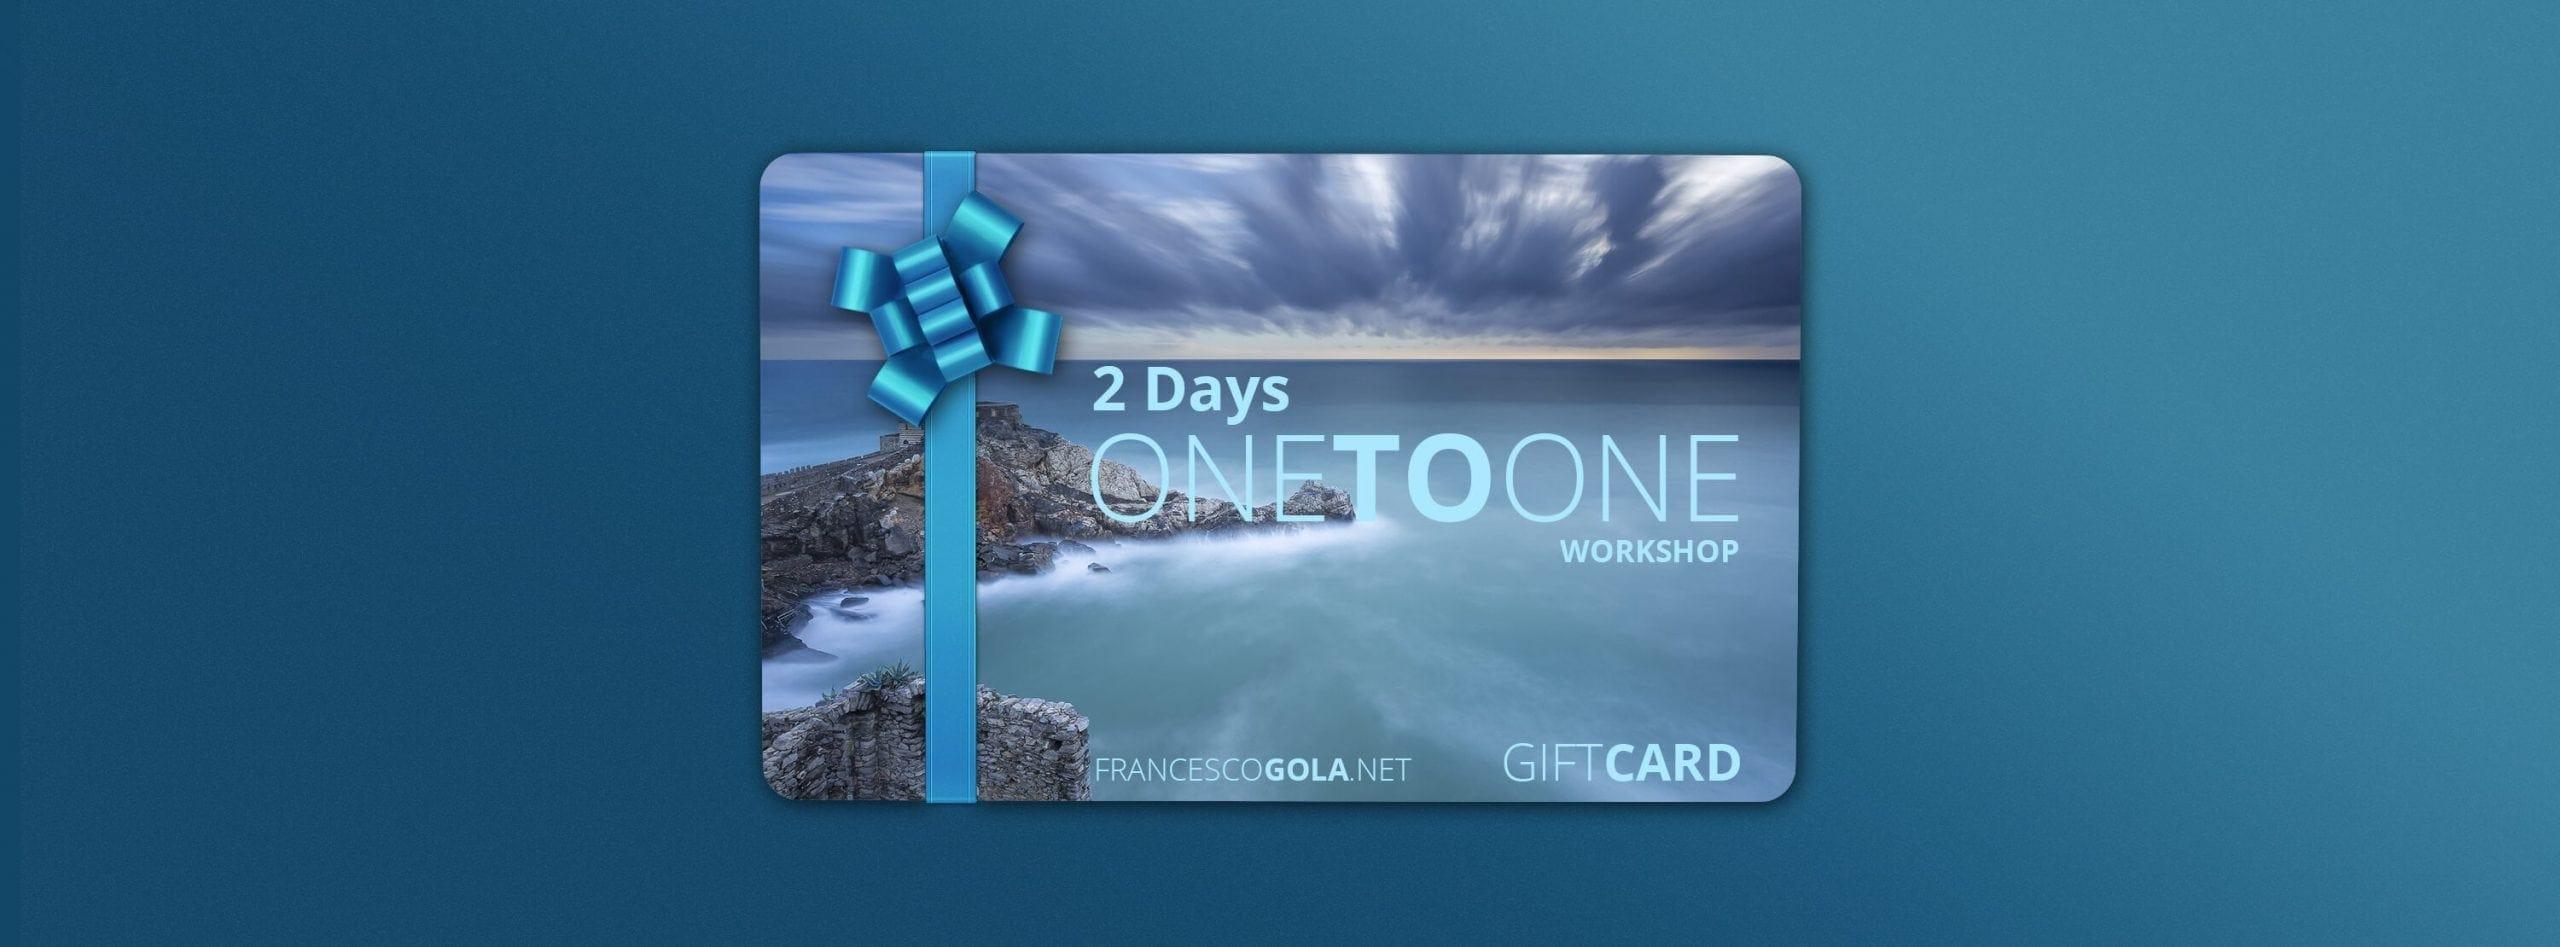 Francesco Gola Seascape Landscape Photography Workshop Class Gift Card